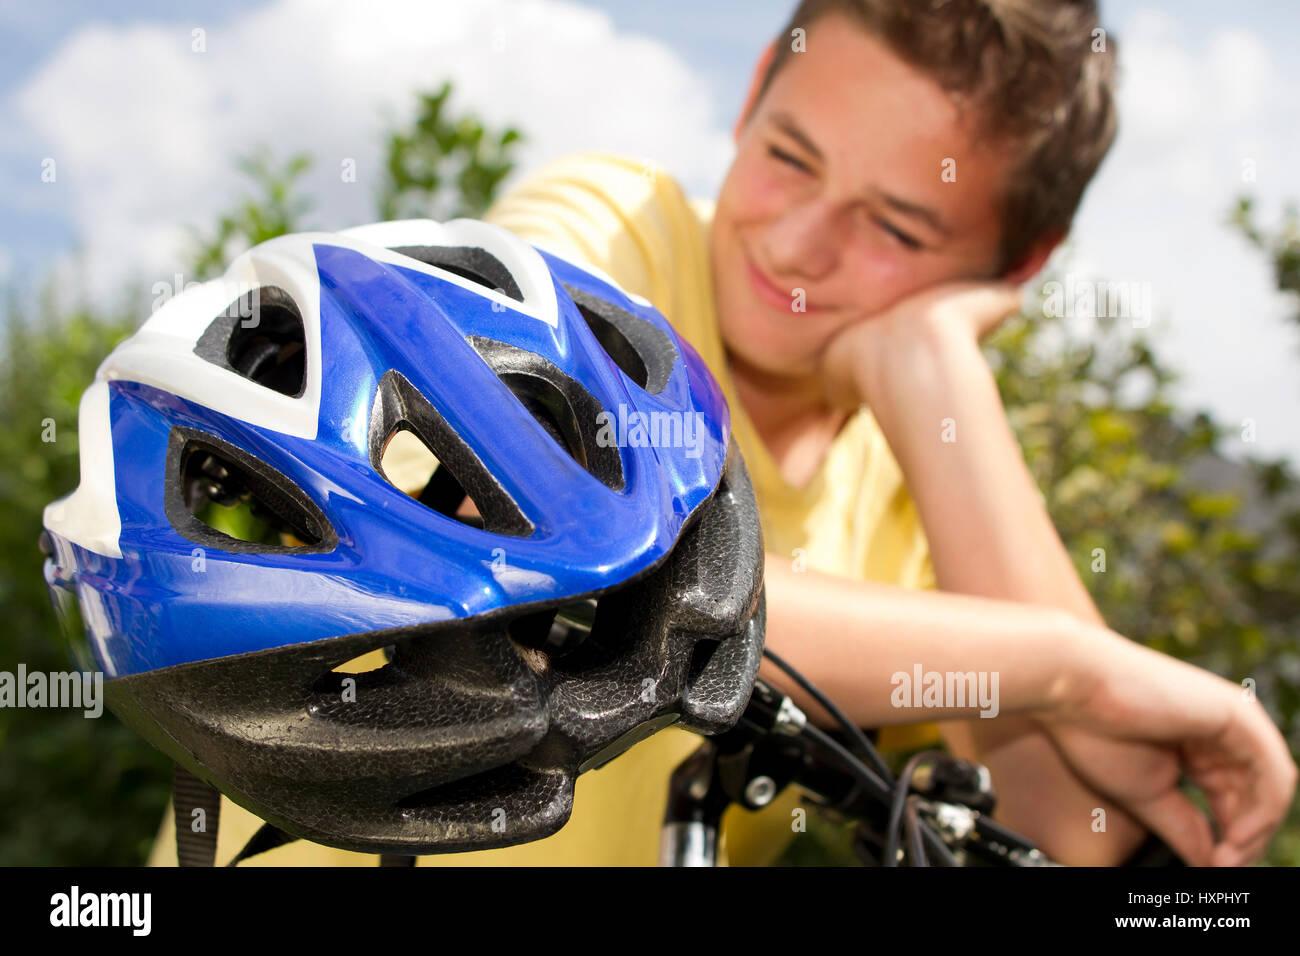 Teenager against bicycle helmet, Teenager gegen Fahrradhelm Stock Photo